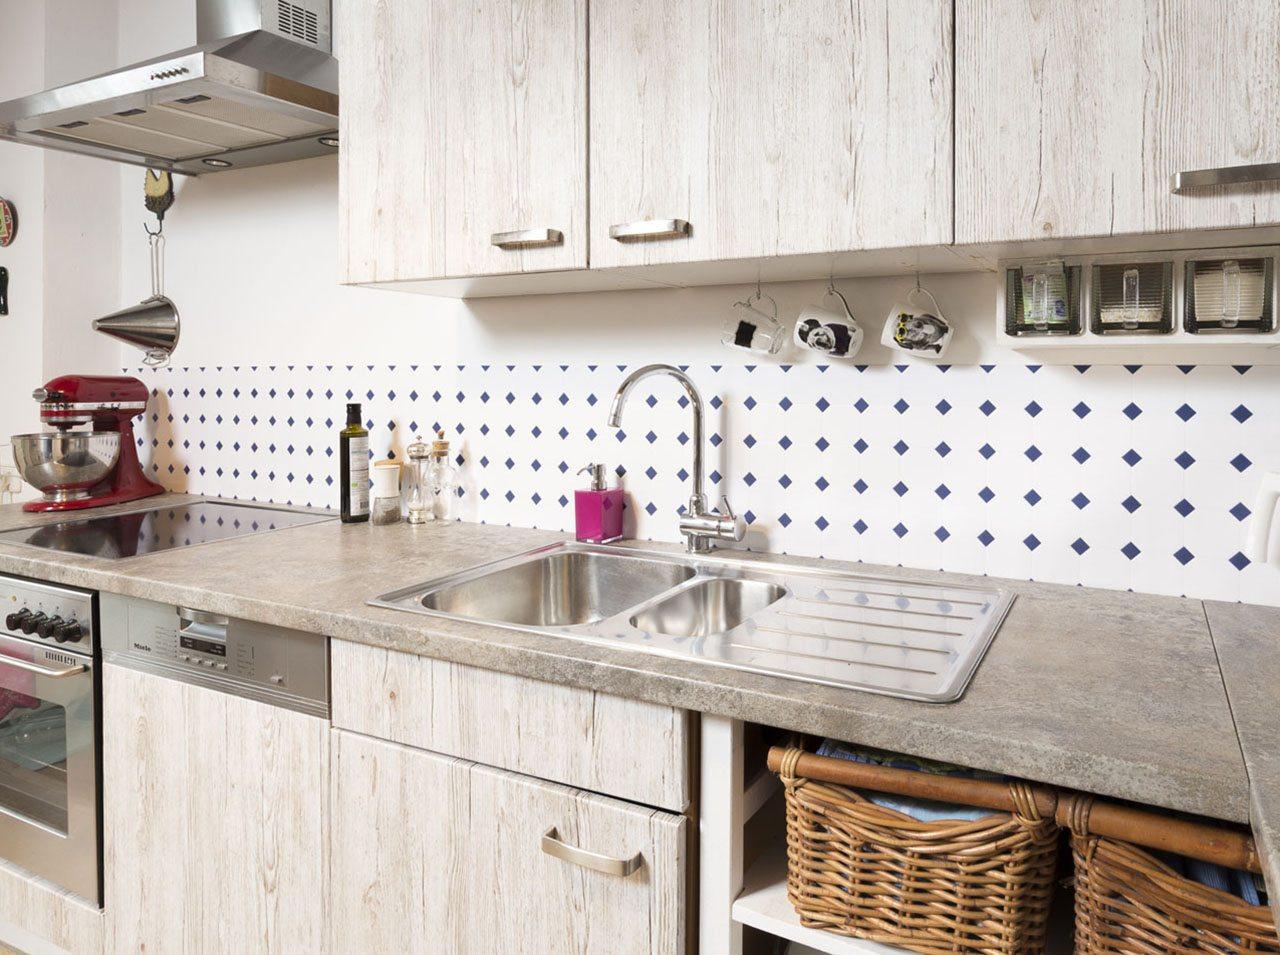 k che fliesen renovieren kuche renovieren ideen k chen renovieren idee fliesen bilder 19. Black Bedroom Furniture Sets. Home Design Ideas